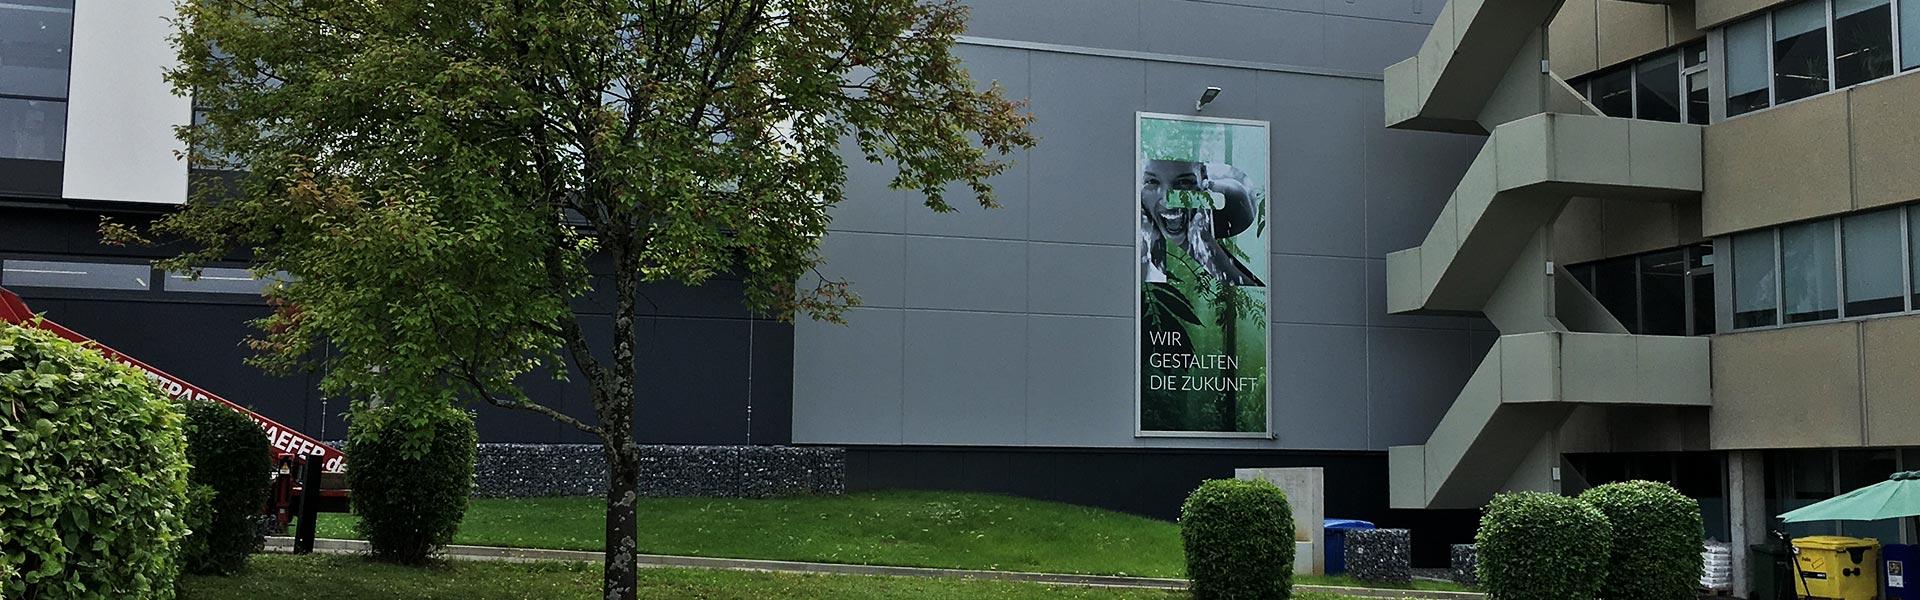 Unser Werbelifter+ für die Firma Reisser AG in Böblingen, größere Distanz